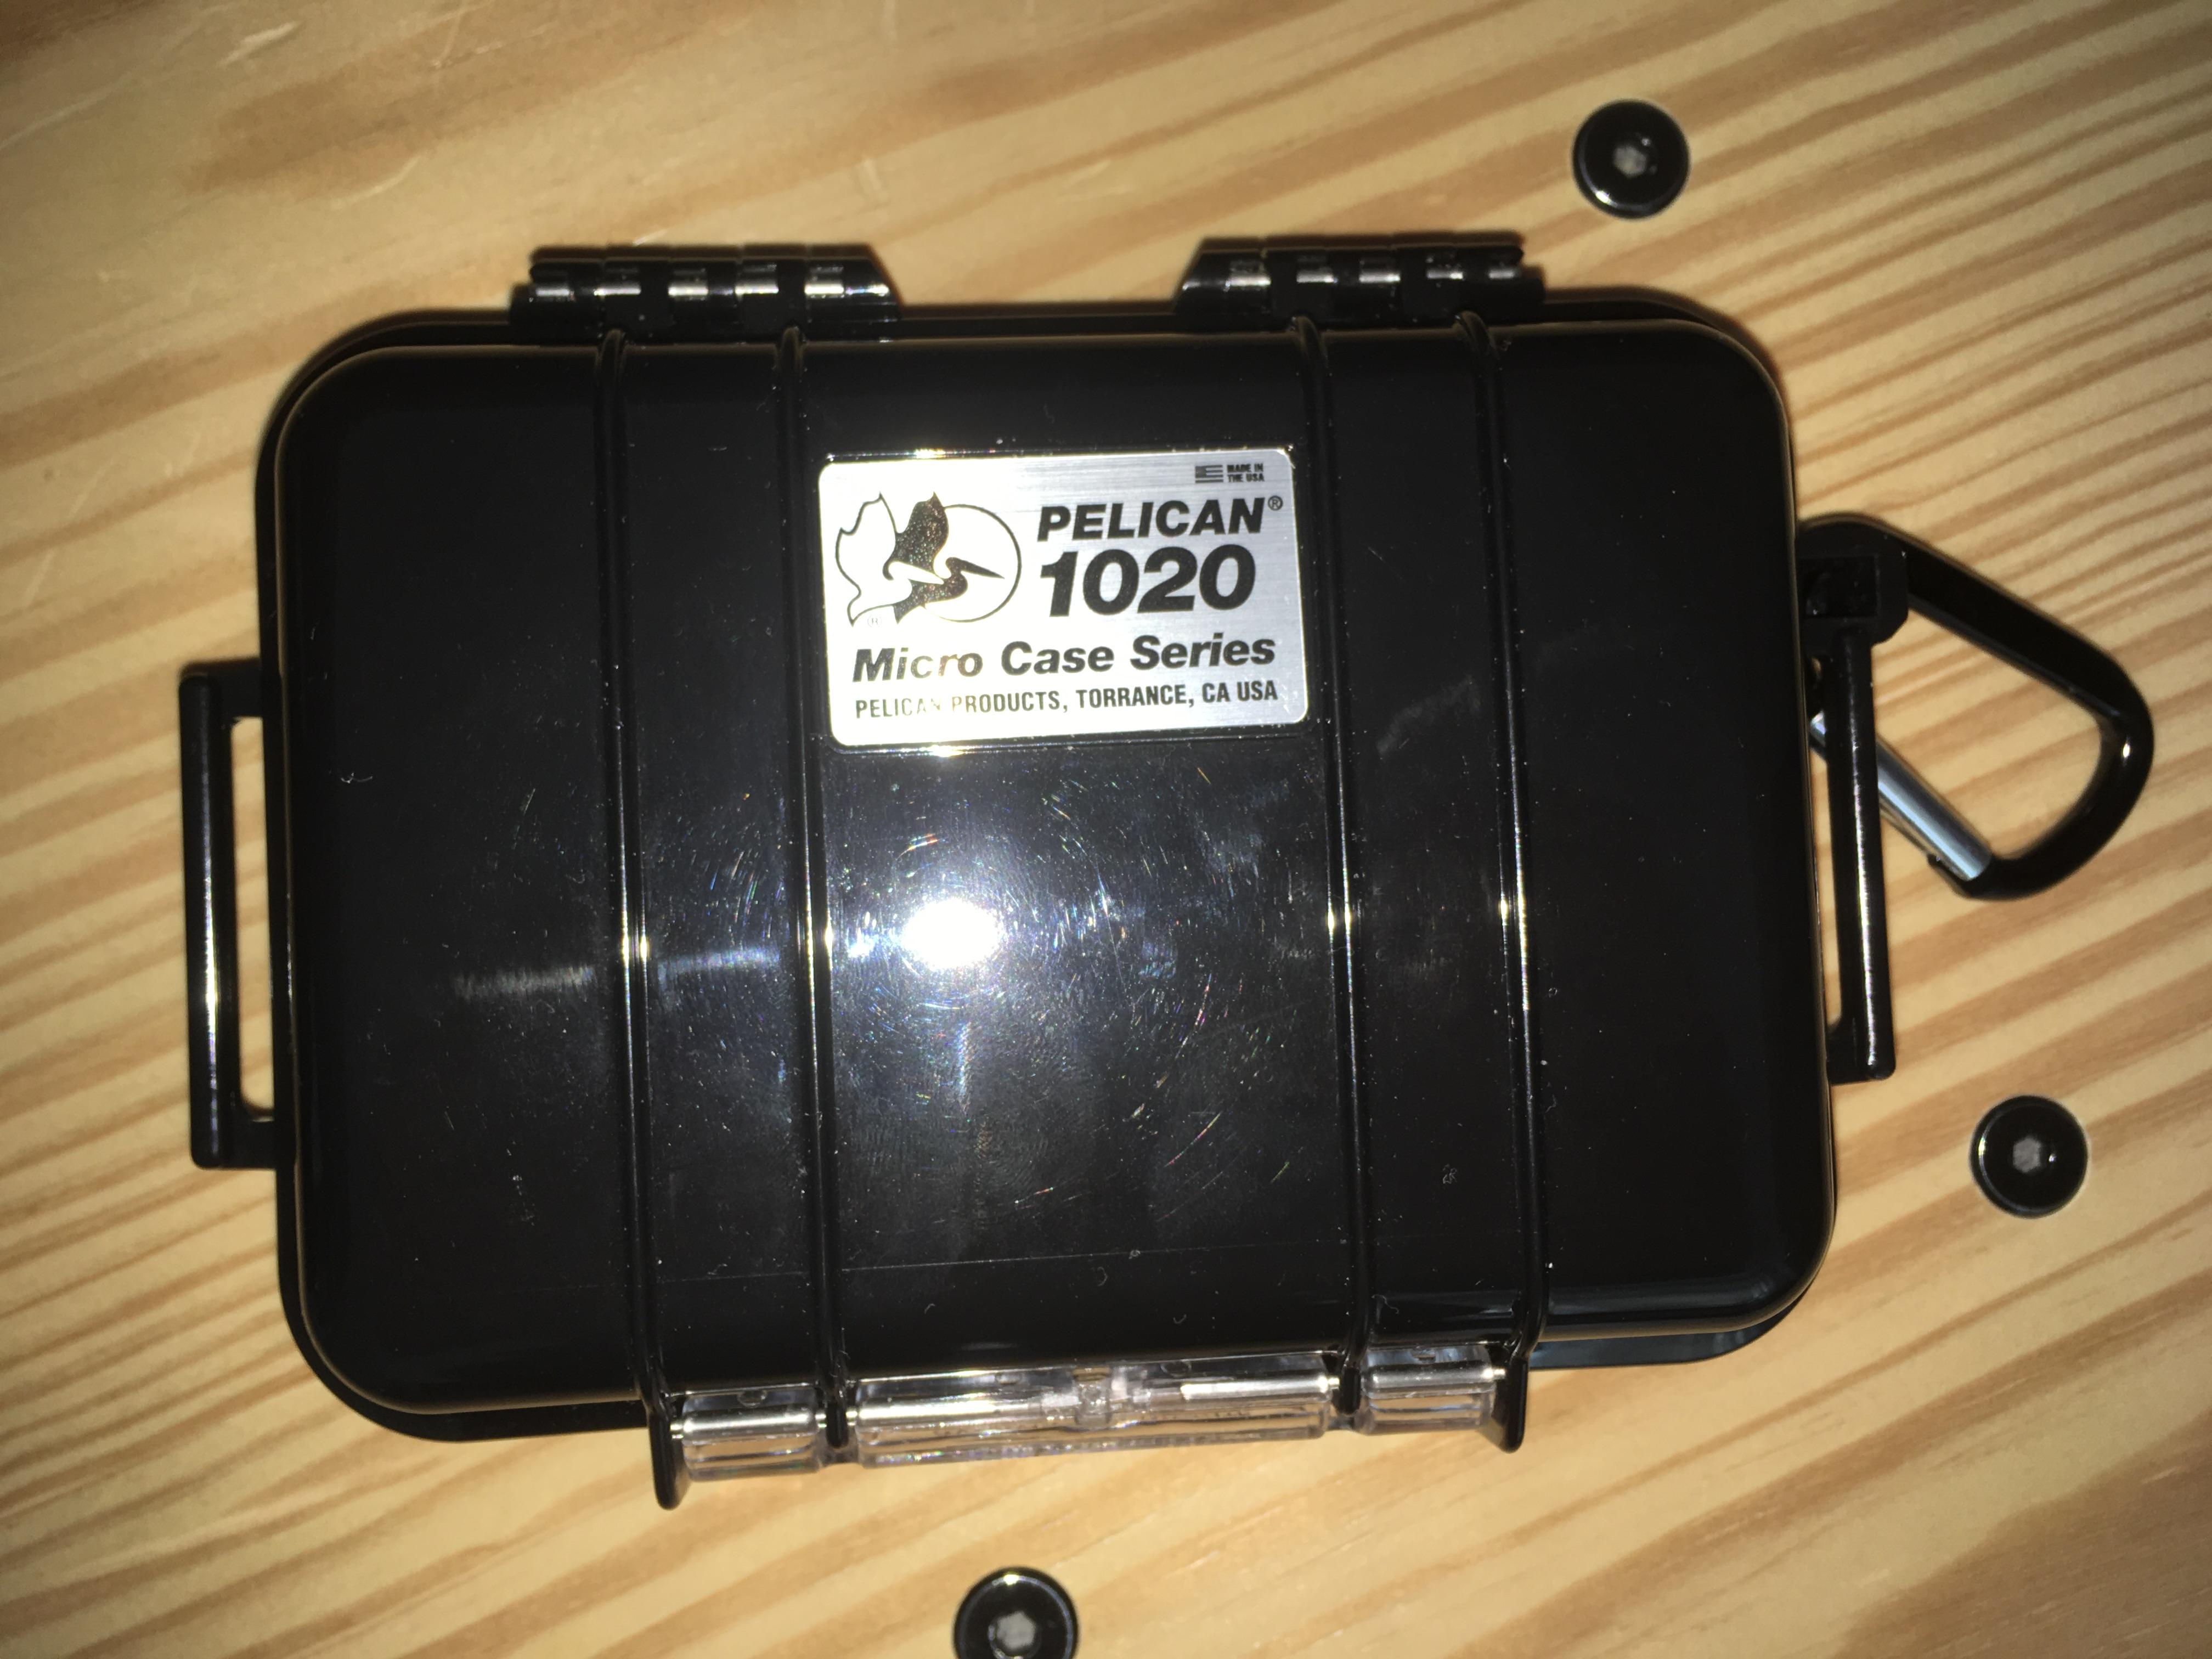 Ricoh GR Case - Pelican 1020